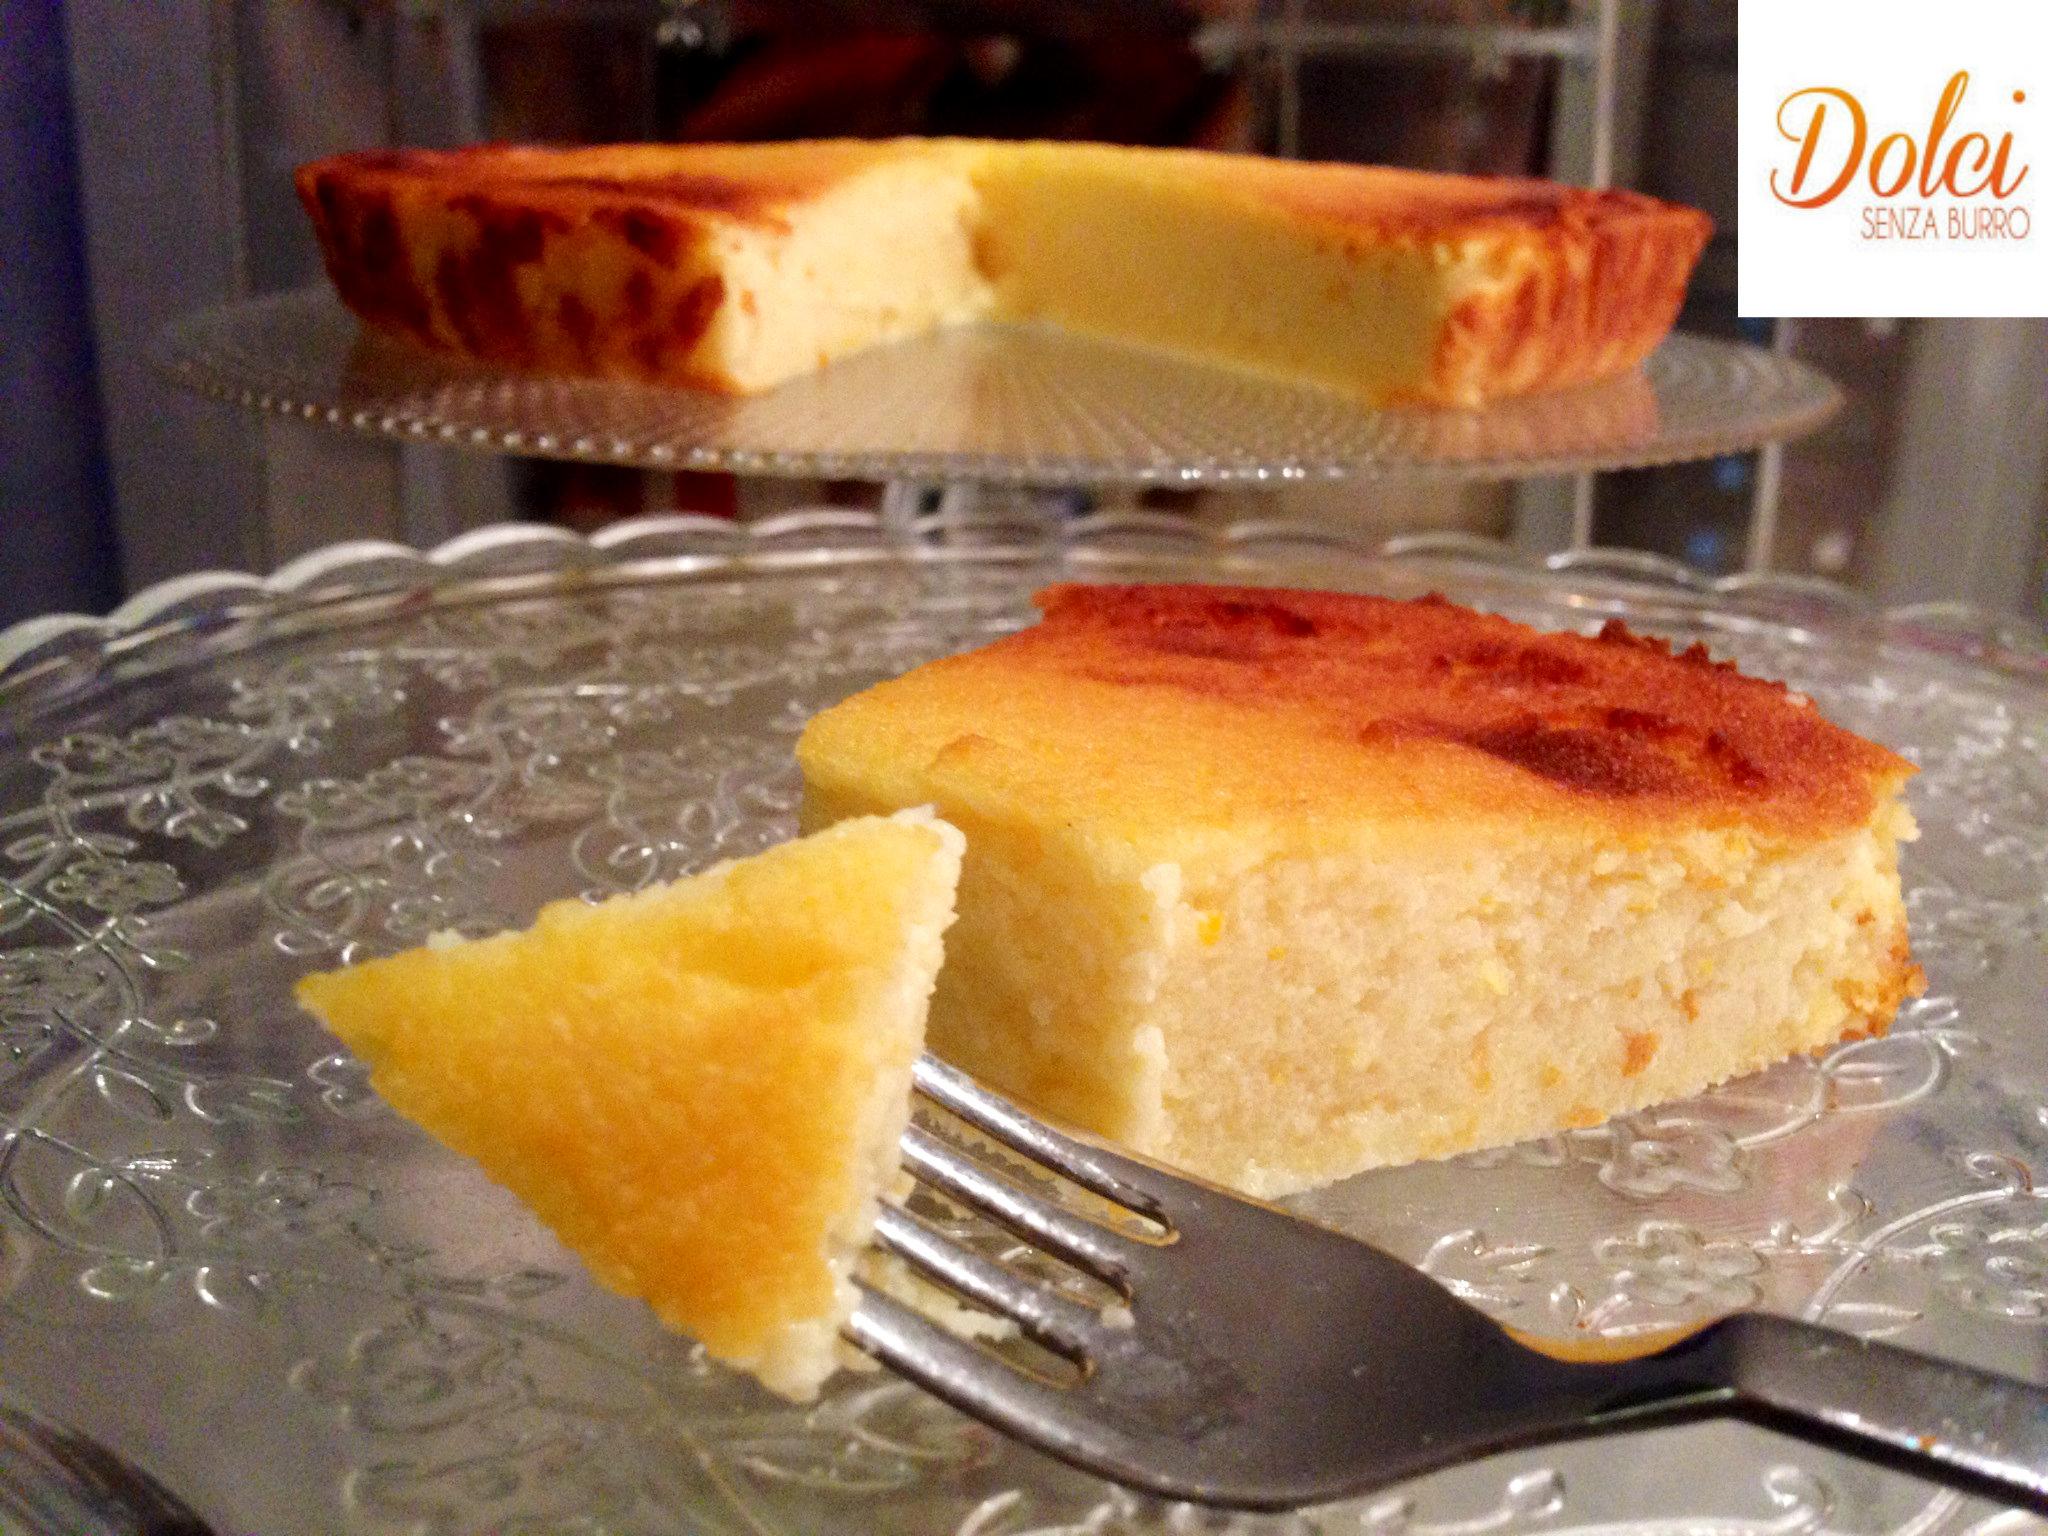 Migliaccio Senza Burro, il dolce di carnevale di Dolci Senza Burro 1